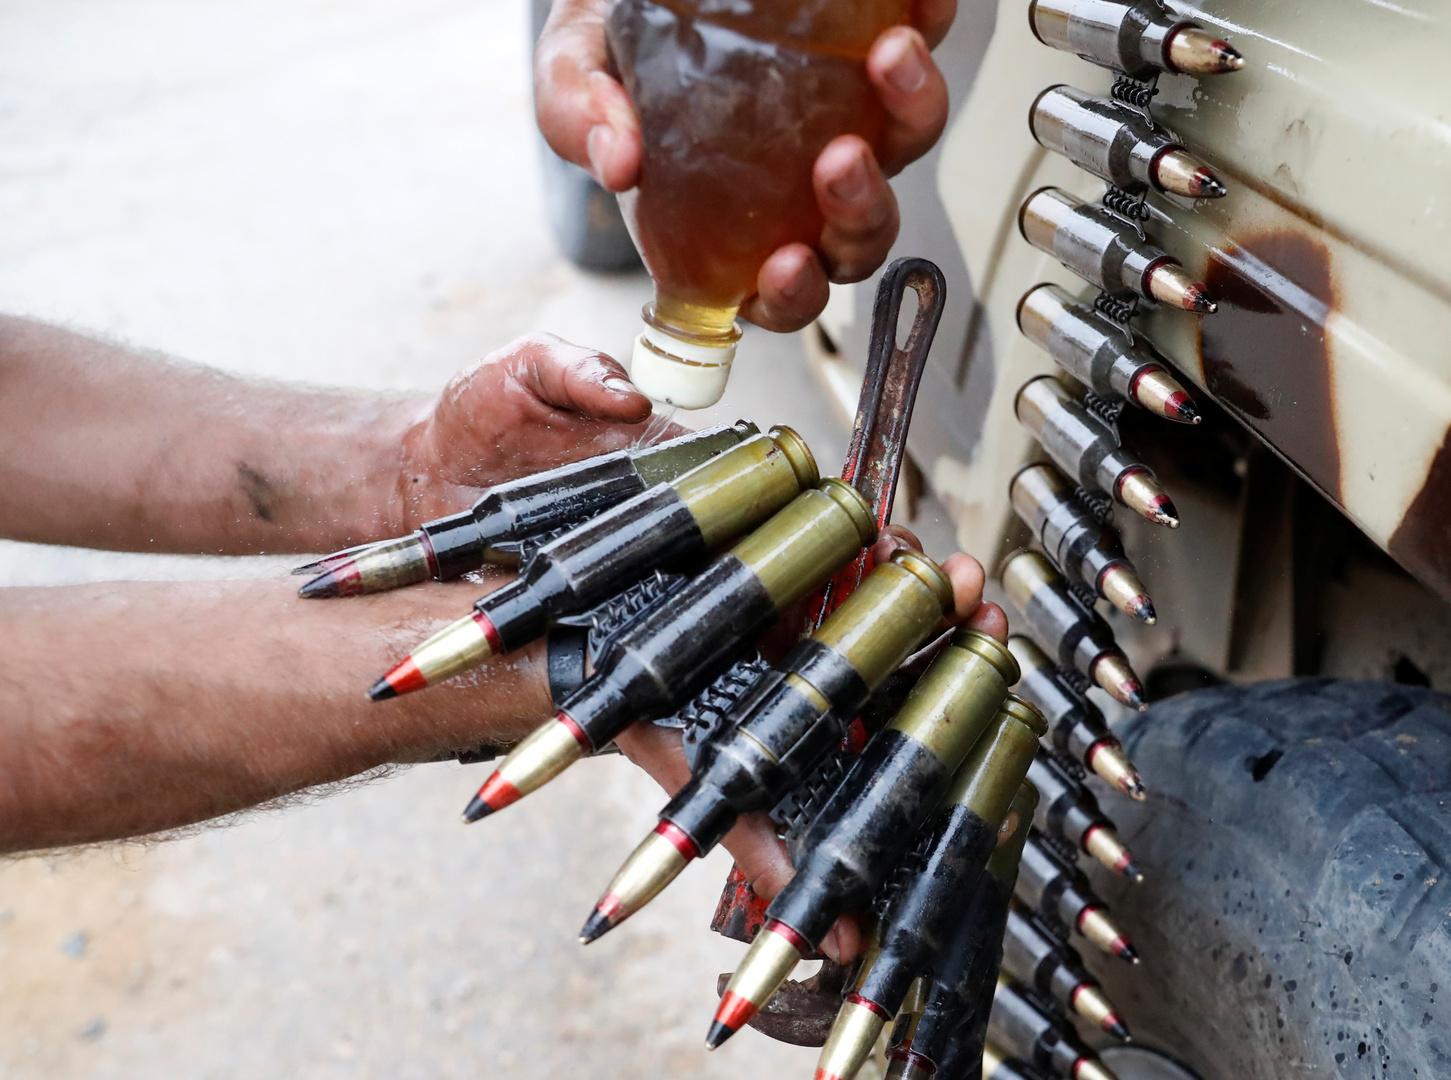 تقرير أممي يكشف عمليات نقل أسلحة ومقاتلين إلى ليبيا في خرق للحظر